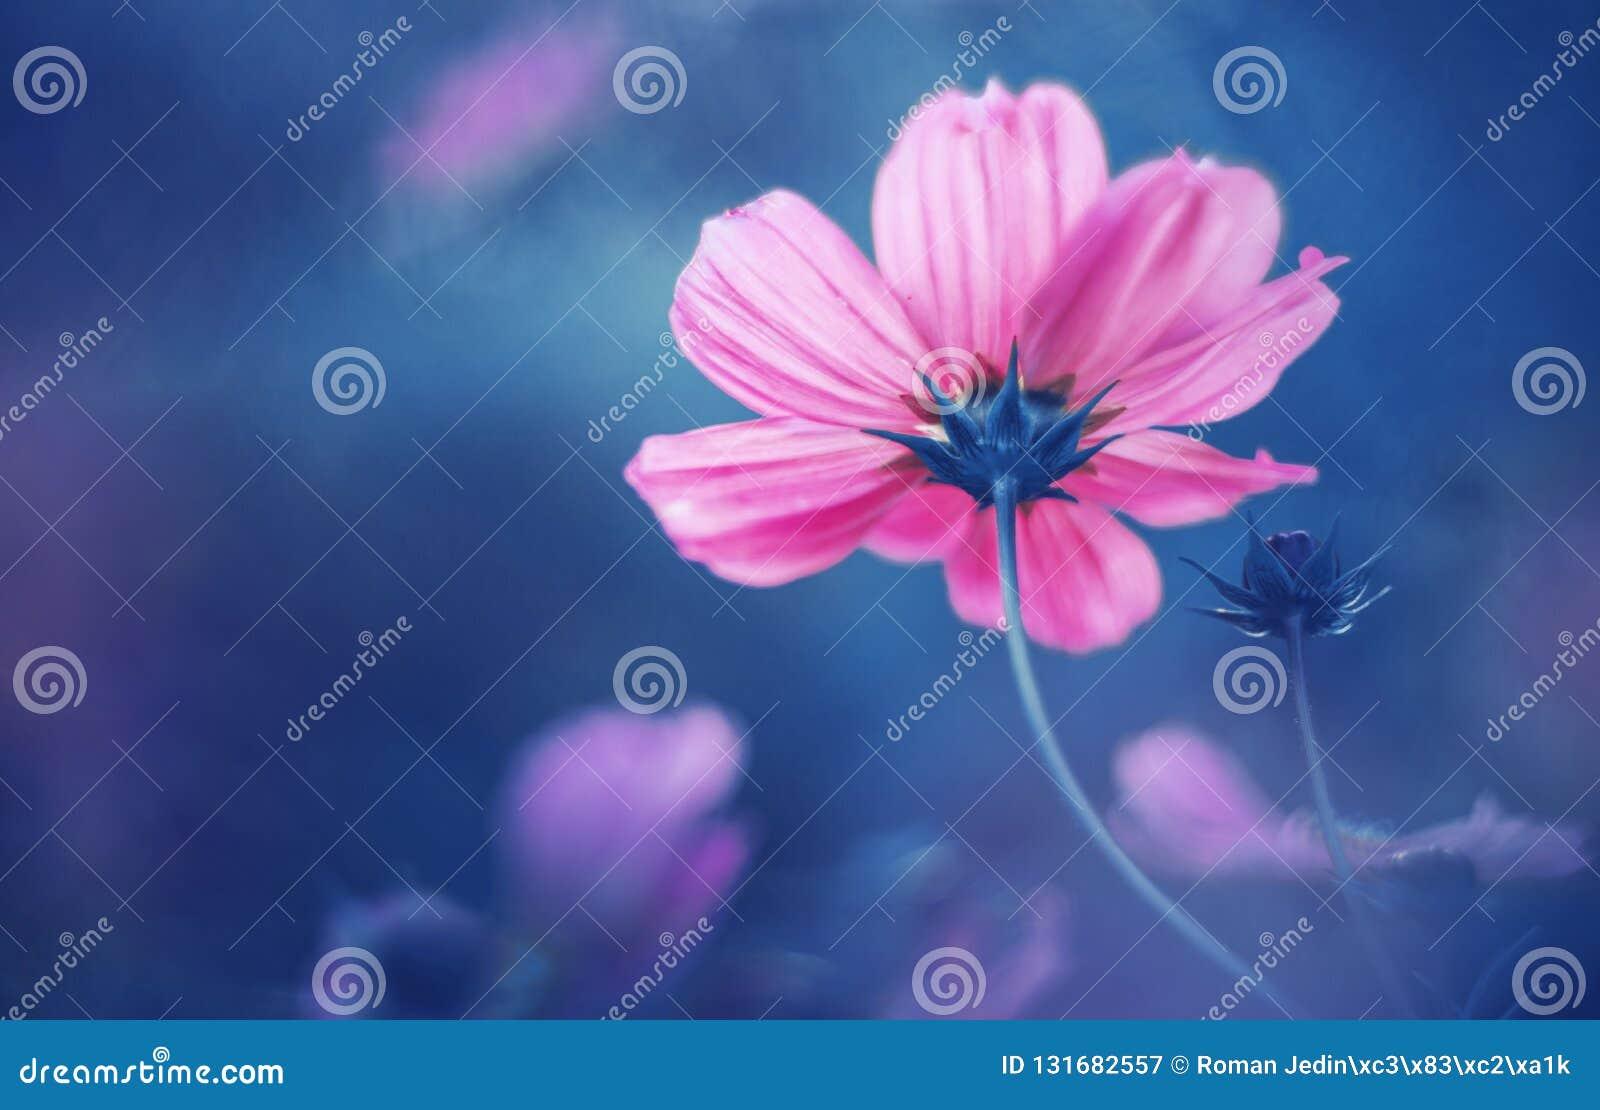 Flower pink dream